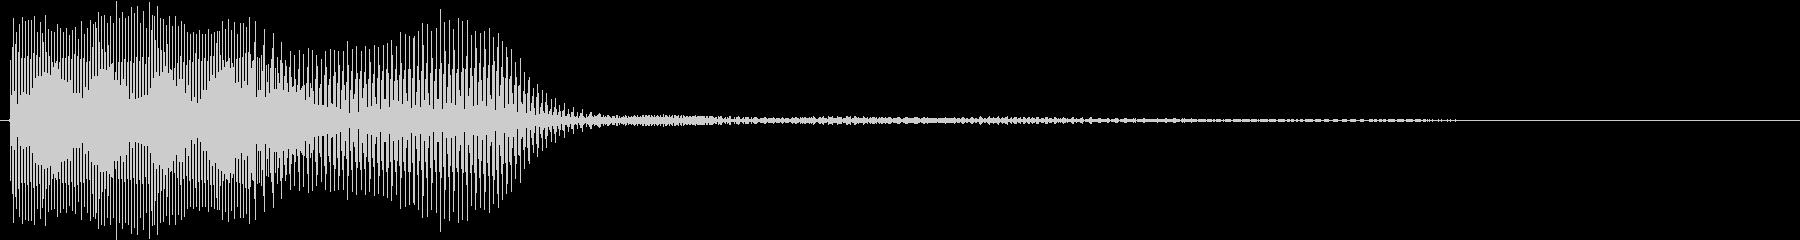 未来的空気感のある決定音2の未再生の波形